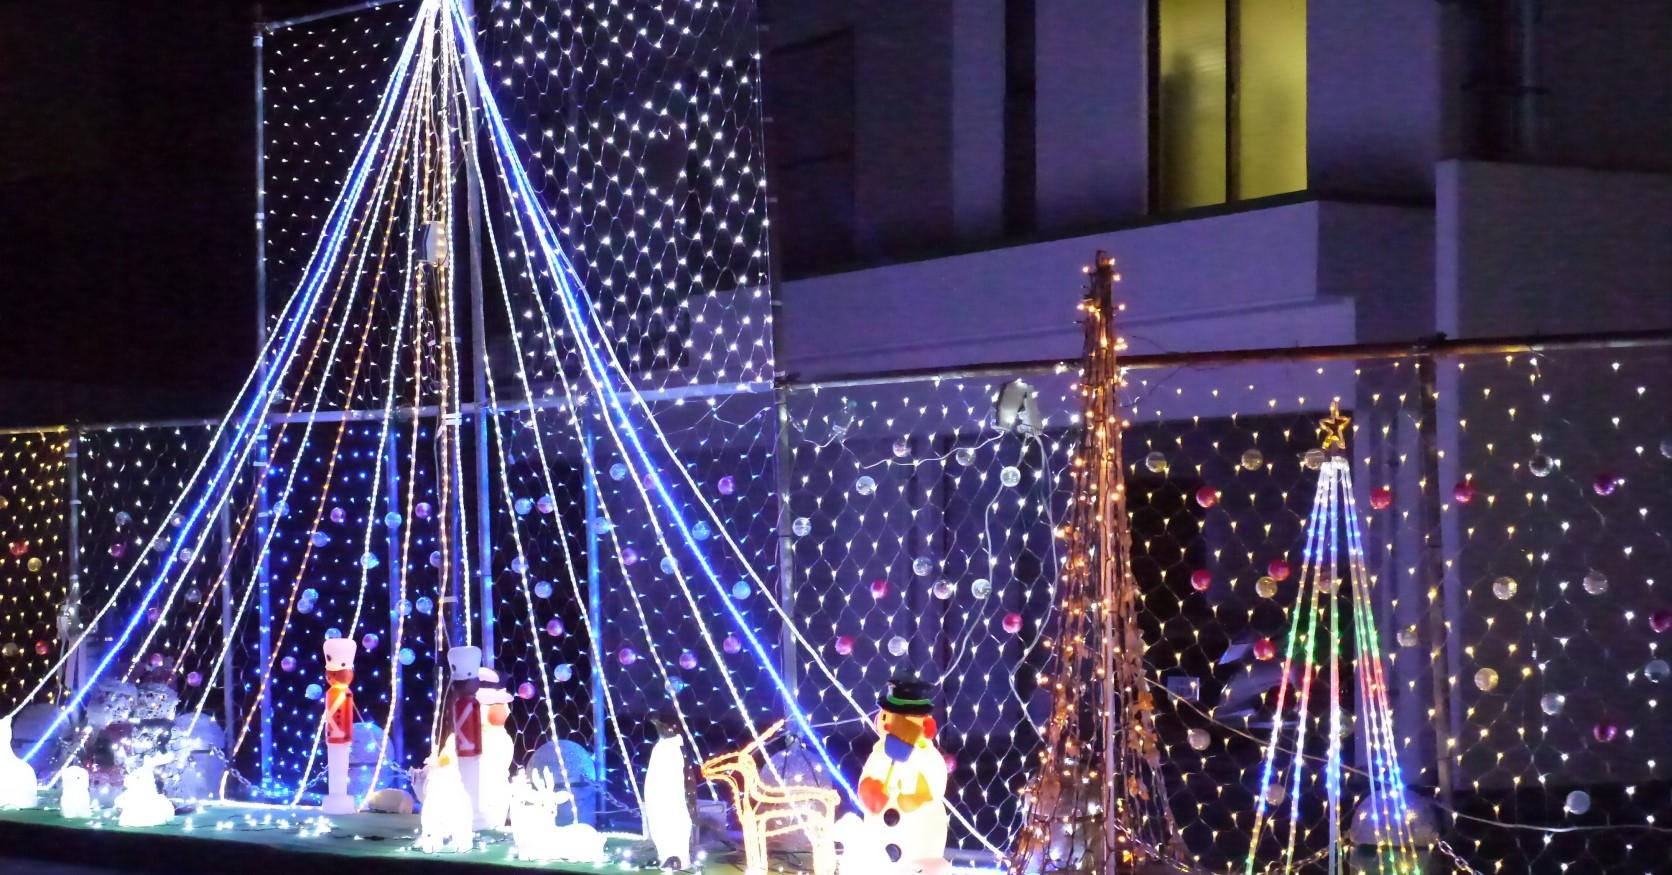 まちかどイルミネーションは、12月下旬から1月中旬まで、飯塚中心部の緑道公園で実施されています。